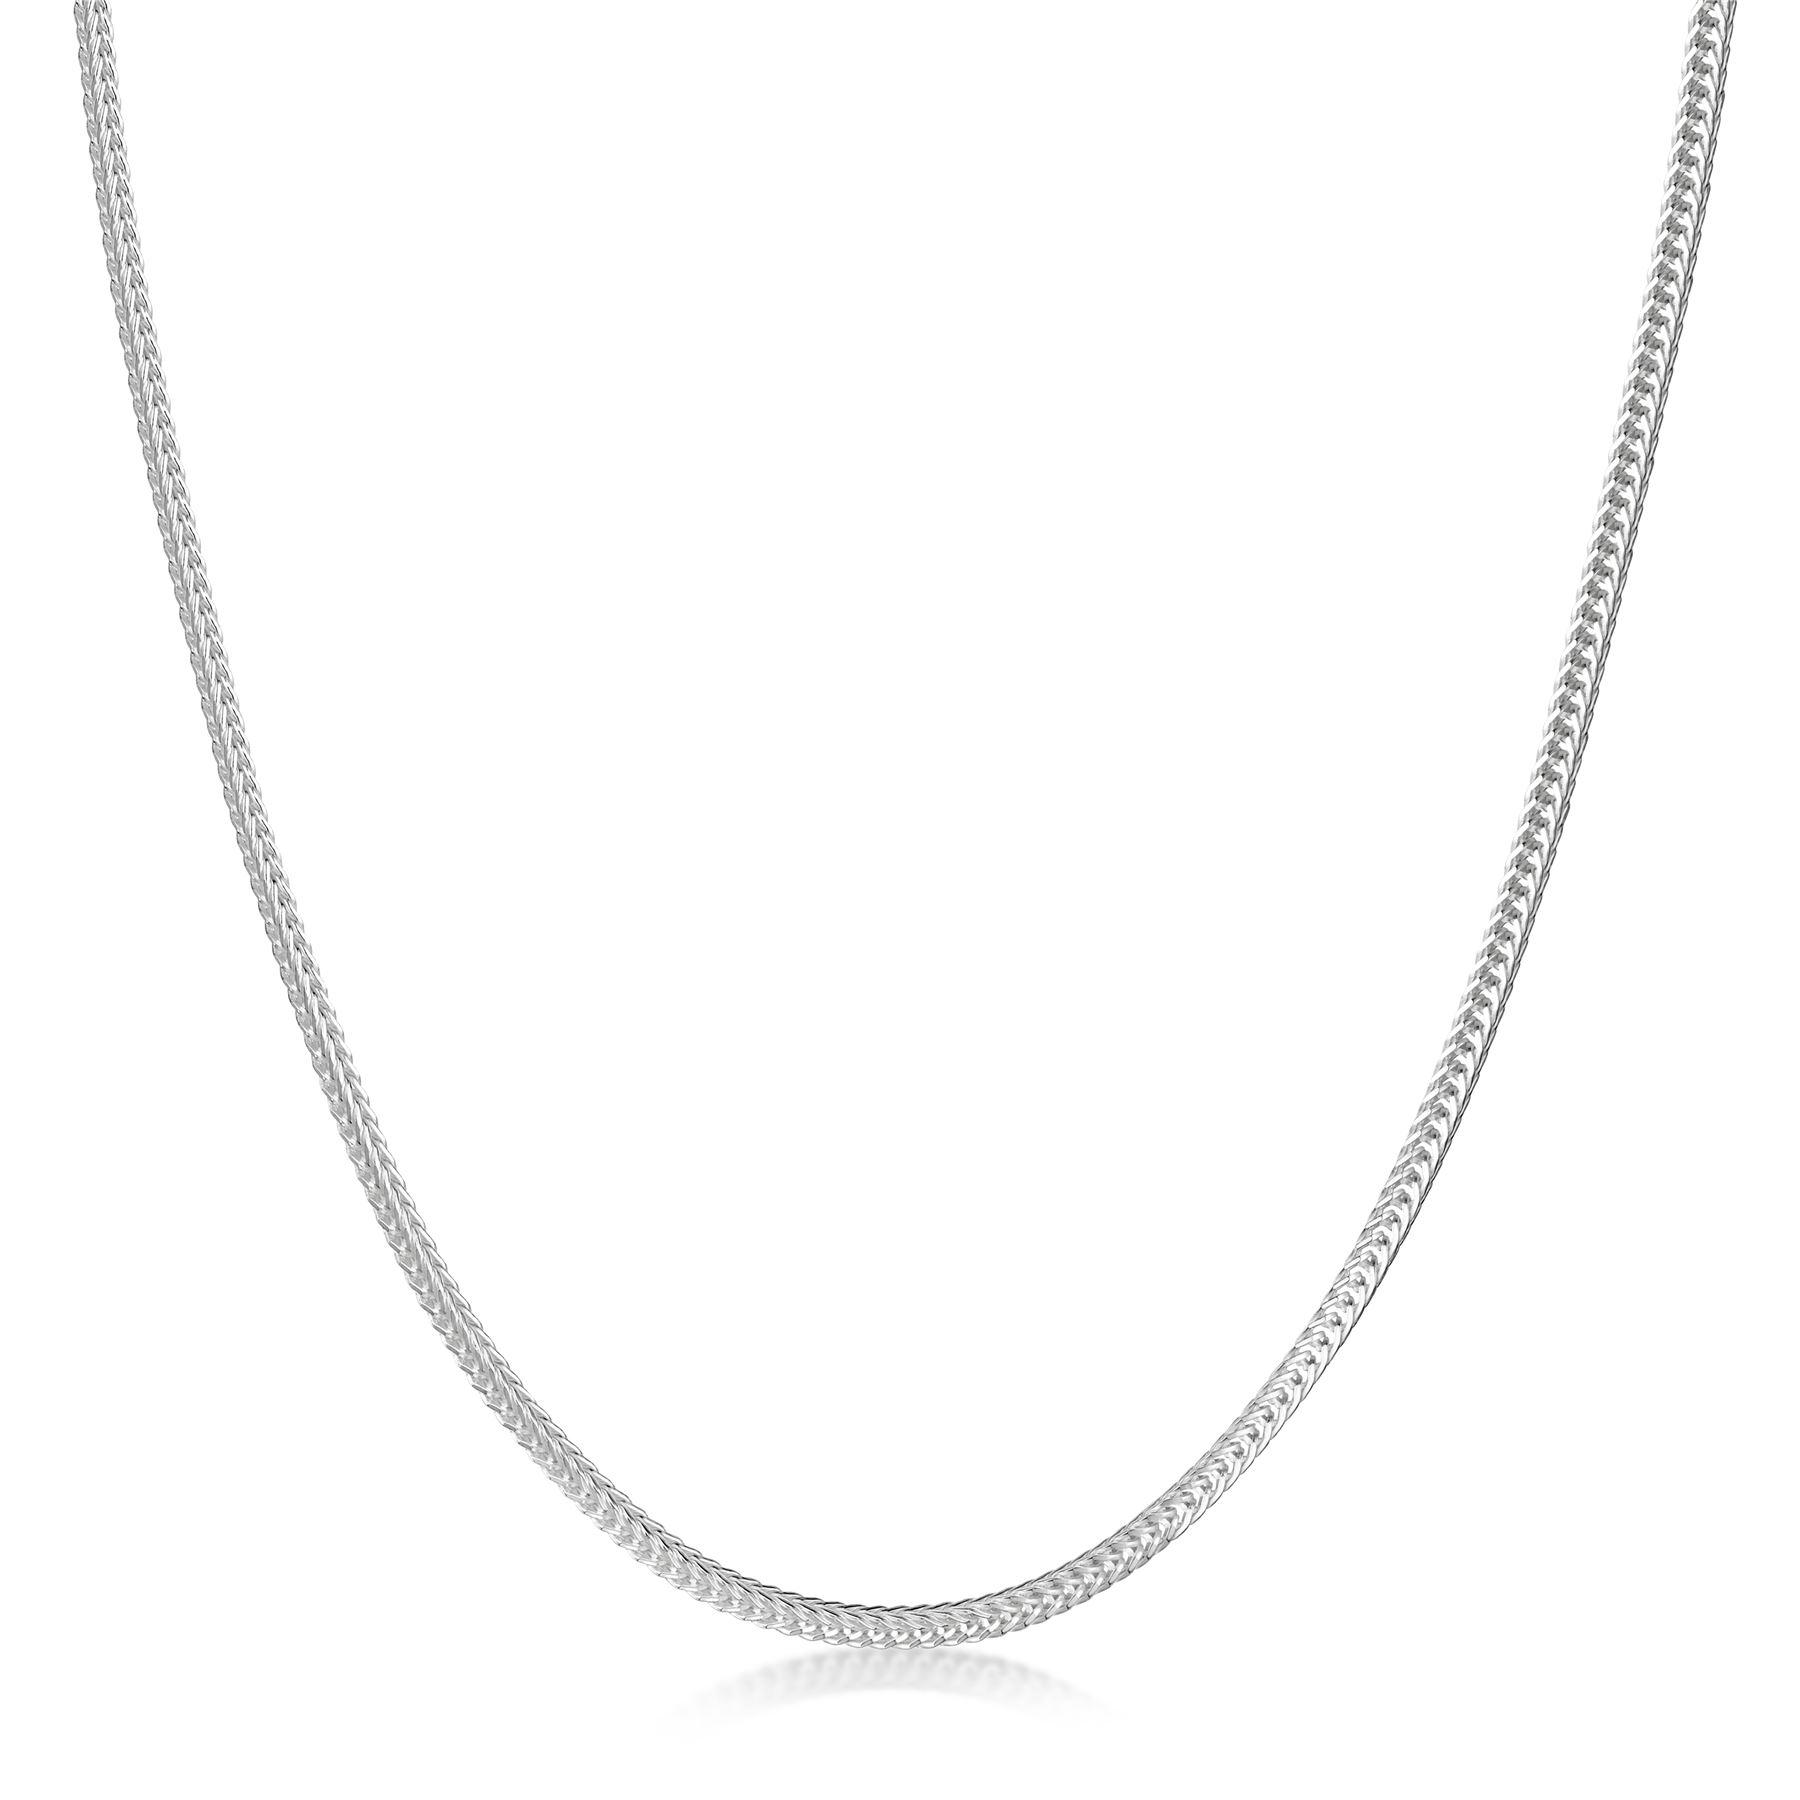 Amberta-Collar-en-Plata-De-Ley-925-Autentica-Cadena-para-Mujer-y-Hombre-Italiana miniatura 45